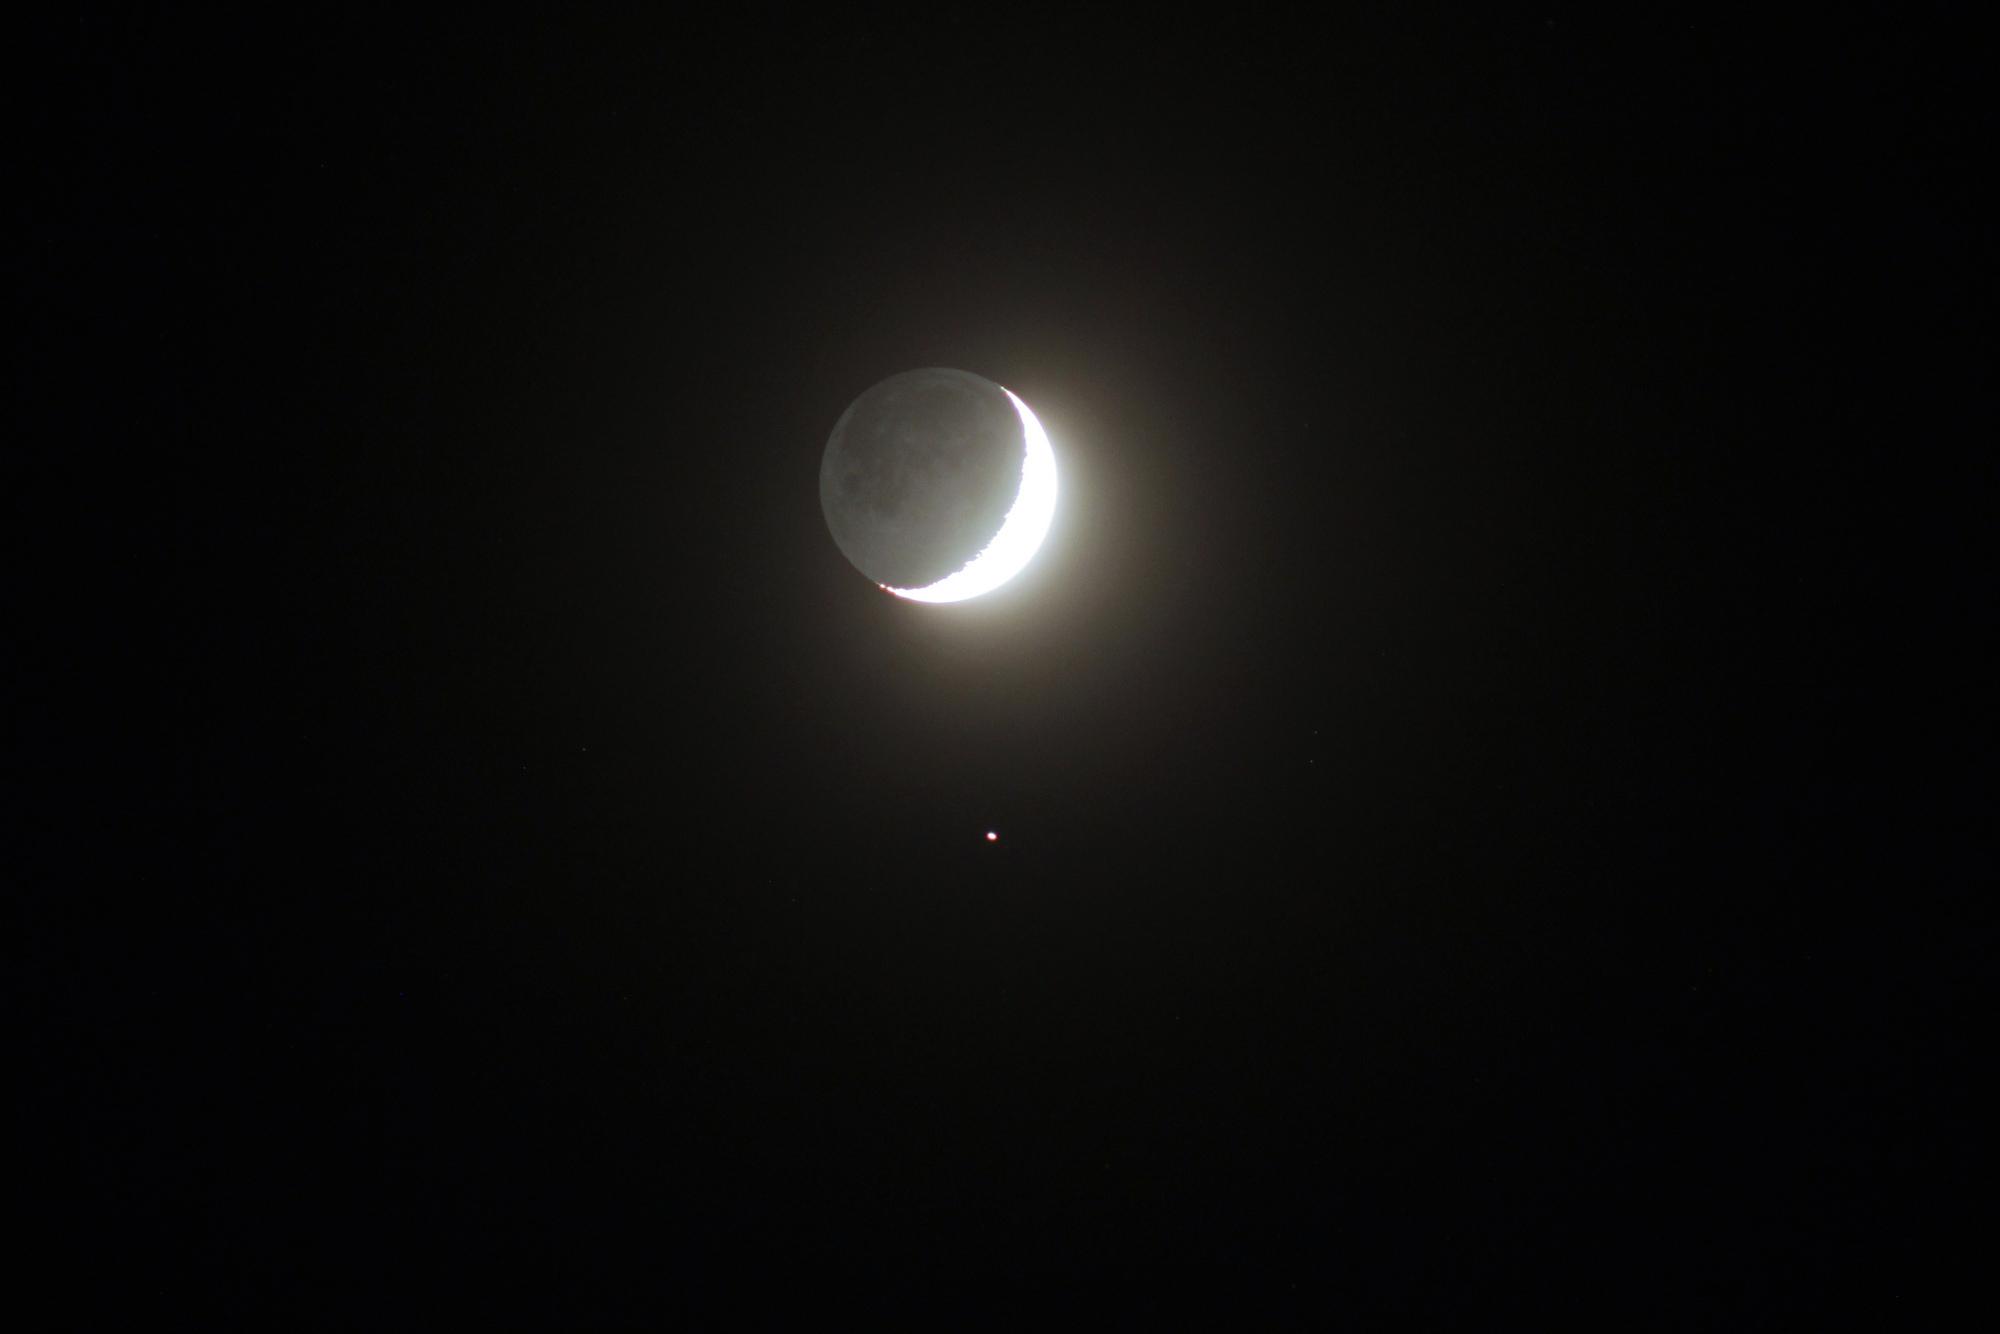 5be889c825340_lune-saturne11_11.2018rduite.thumb.JPG.b0e6393c4c9a3476e3f46f9033d13081.JPG